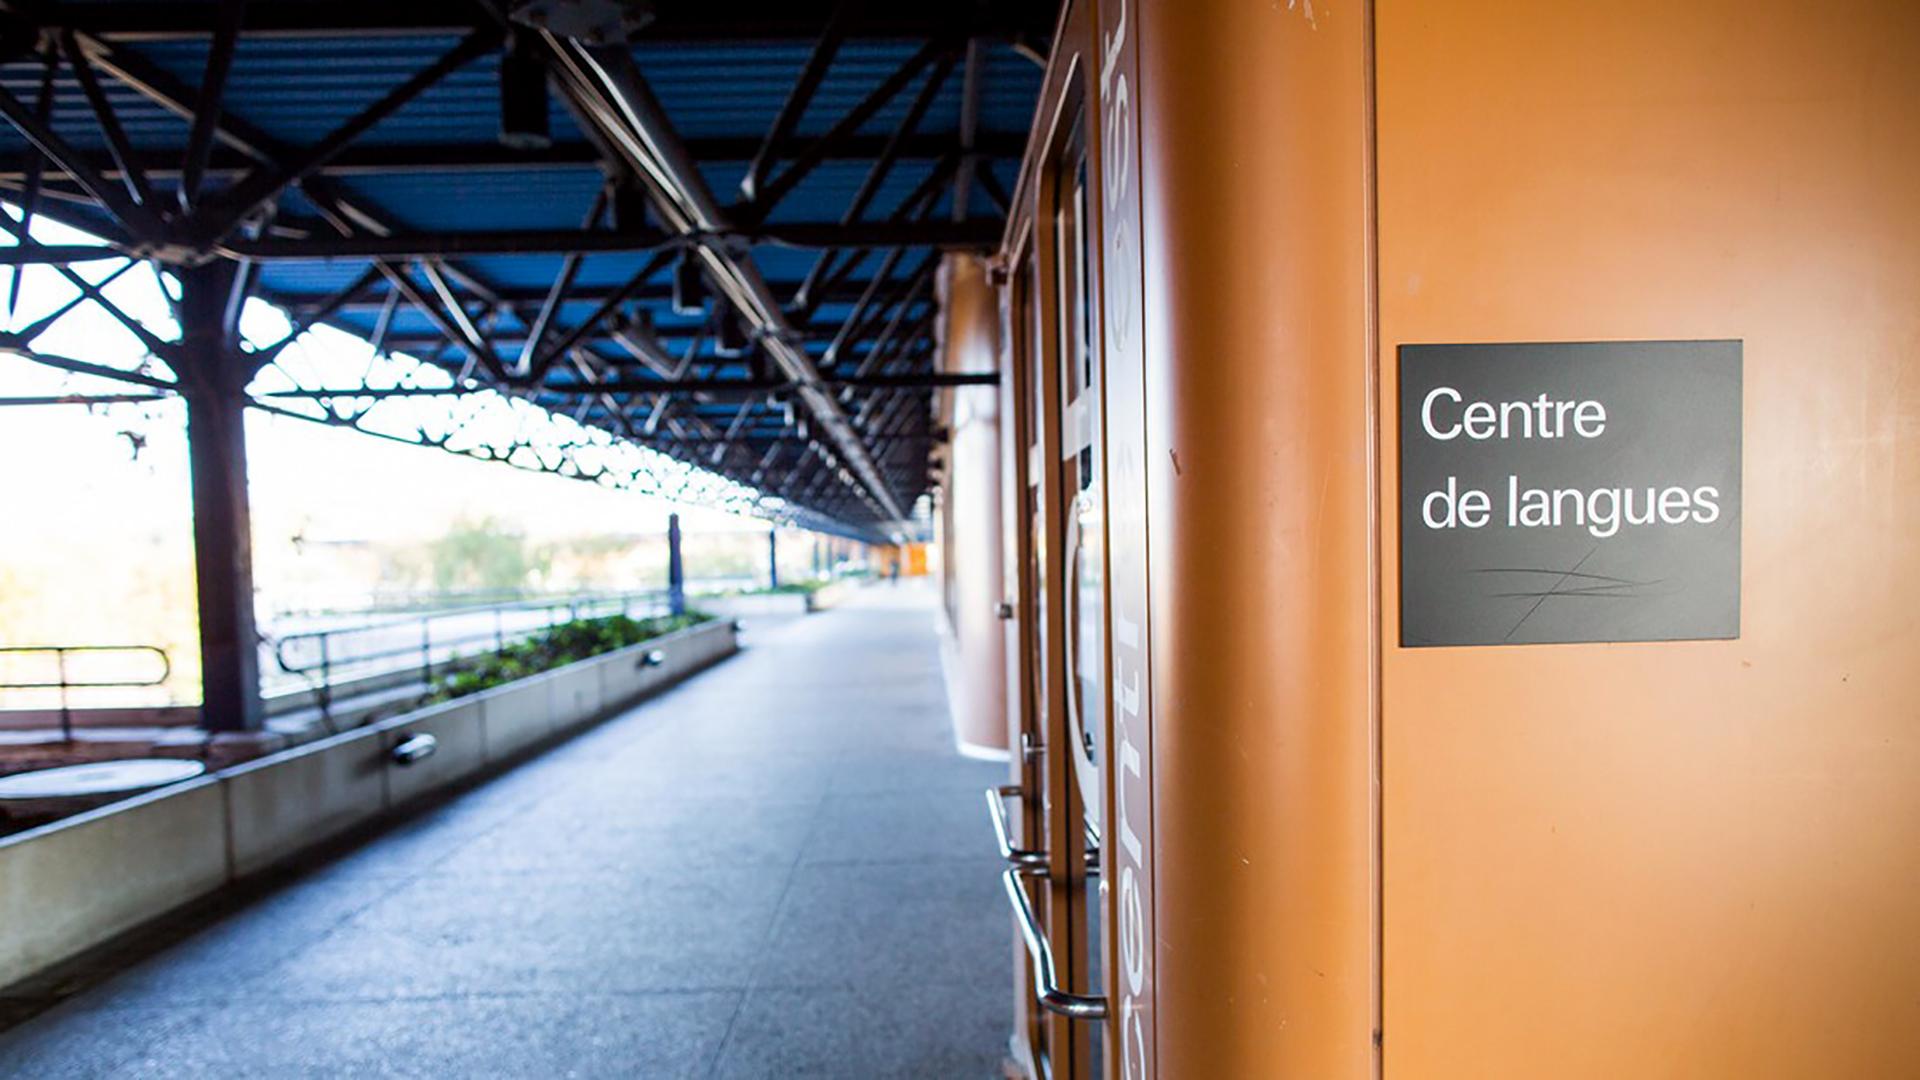 Entrée du Centre de langues